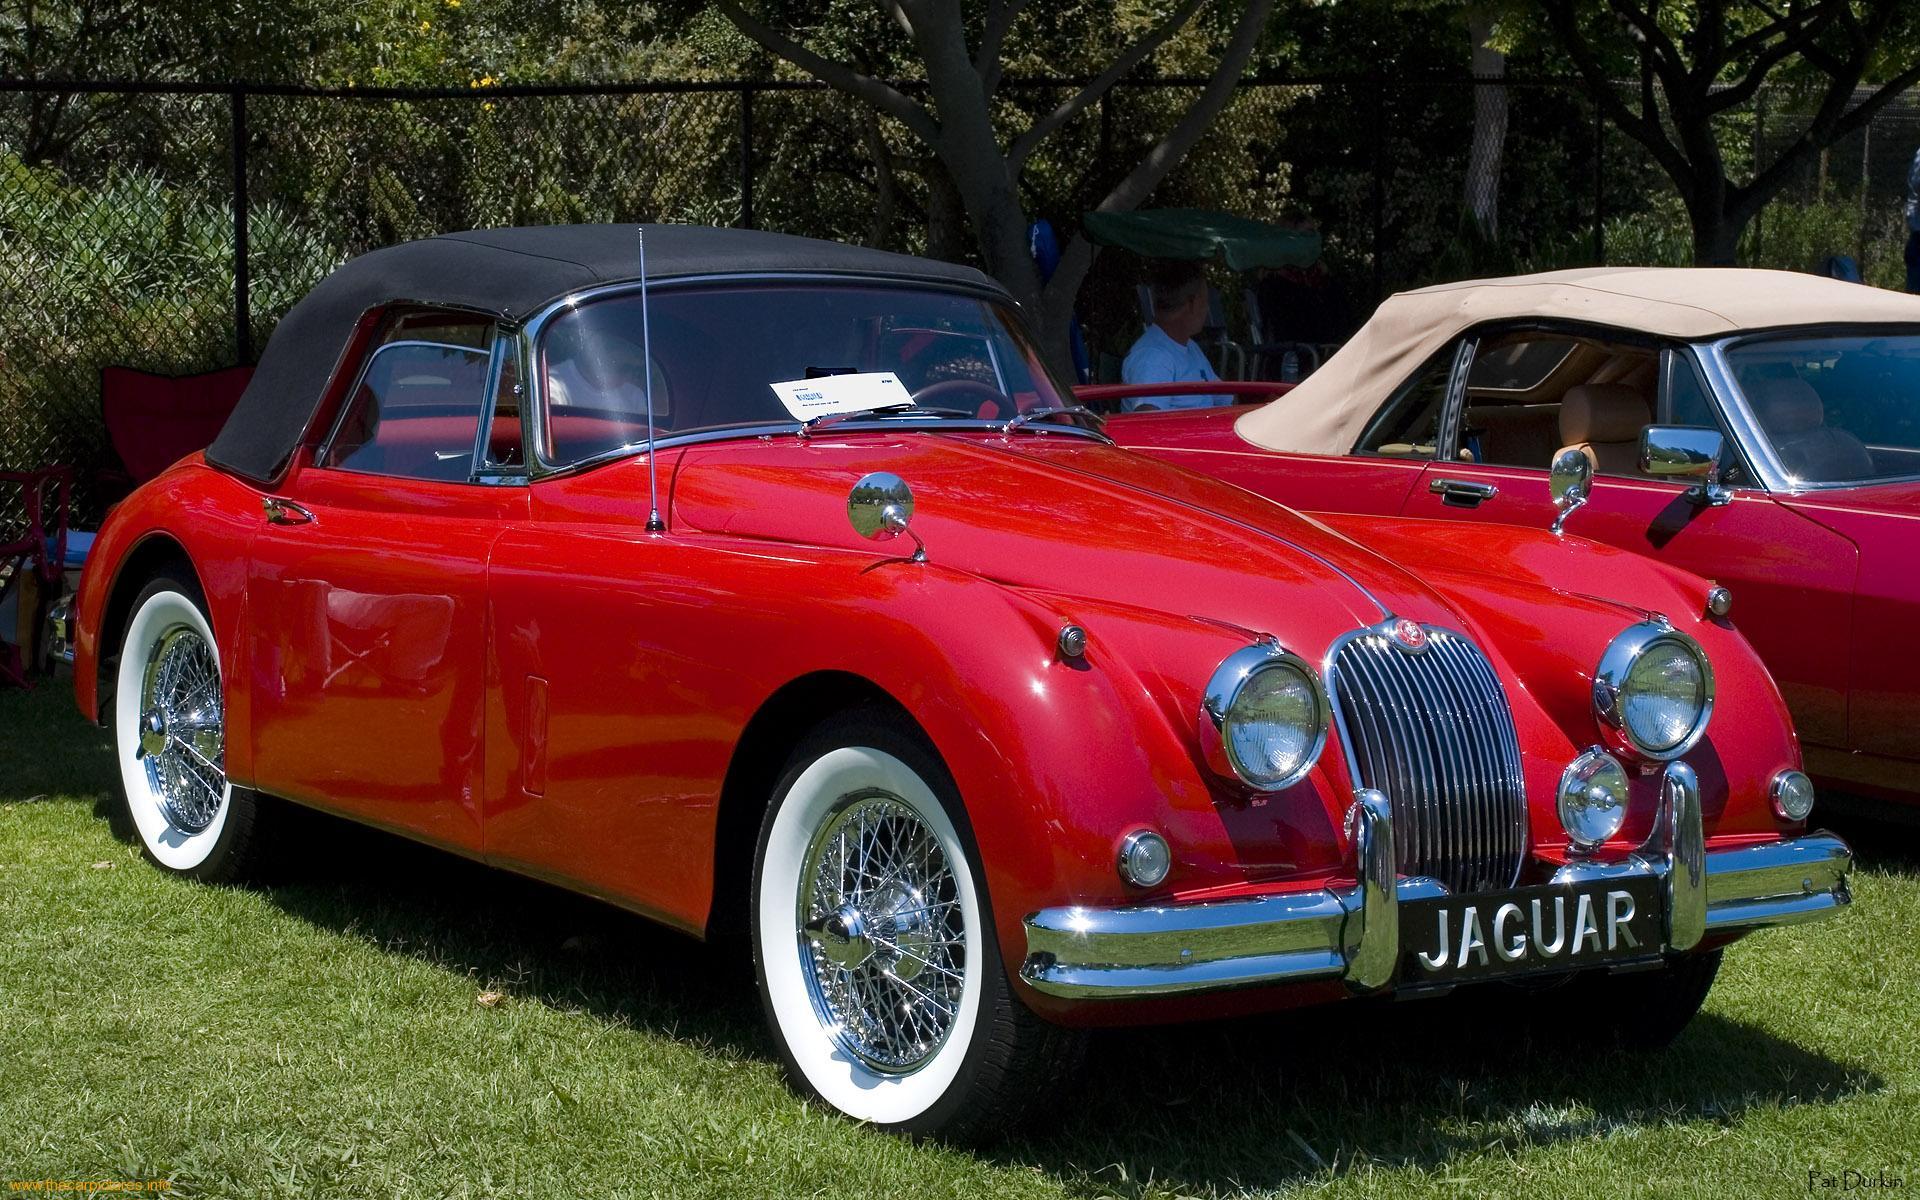 Jaguar xk 150 drophead coupe picture 7 reviews news specs buy car - Jaguar xk150 drophead coupe ...